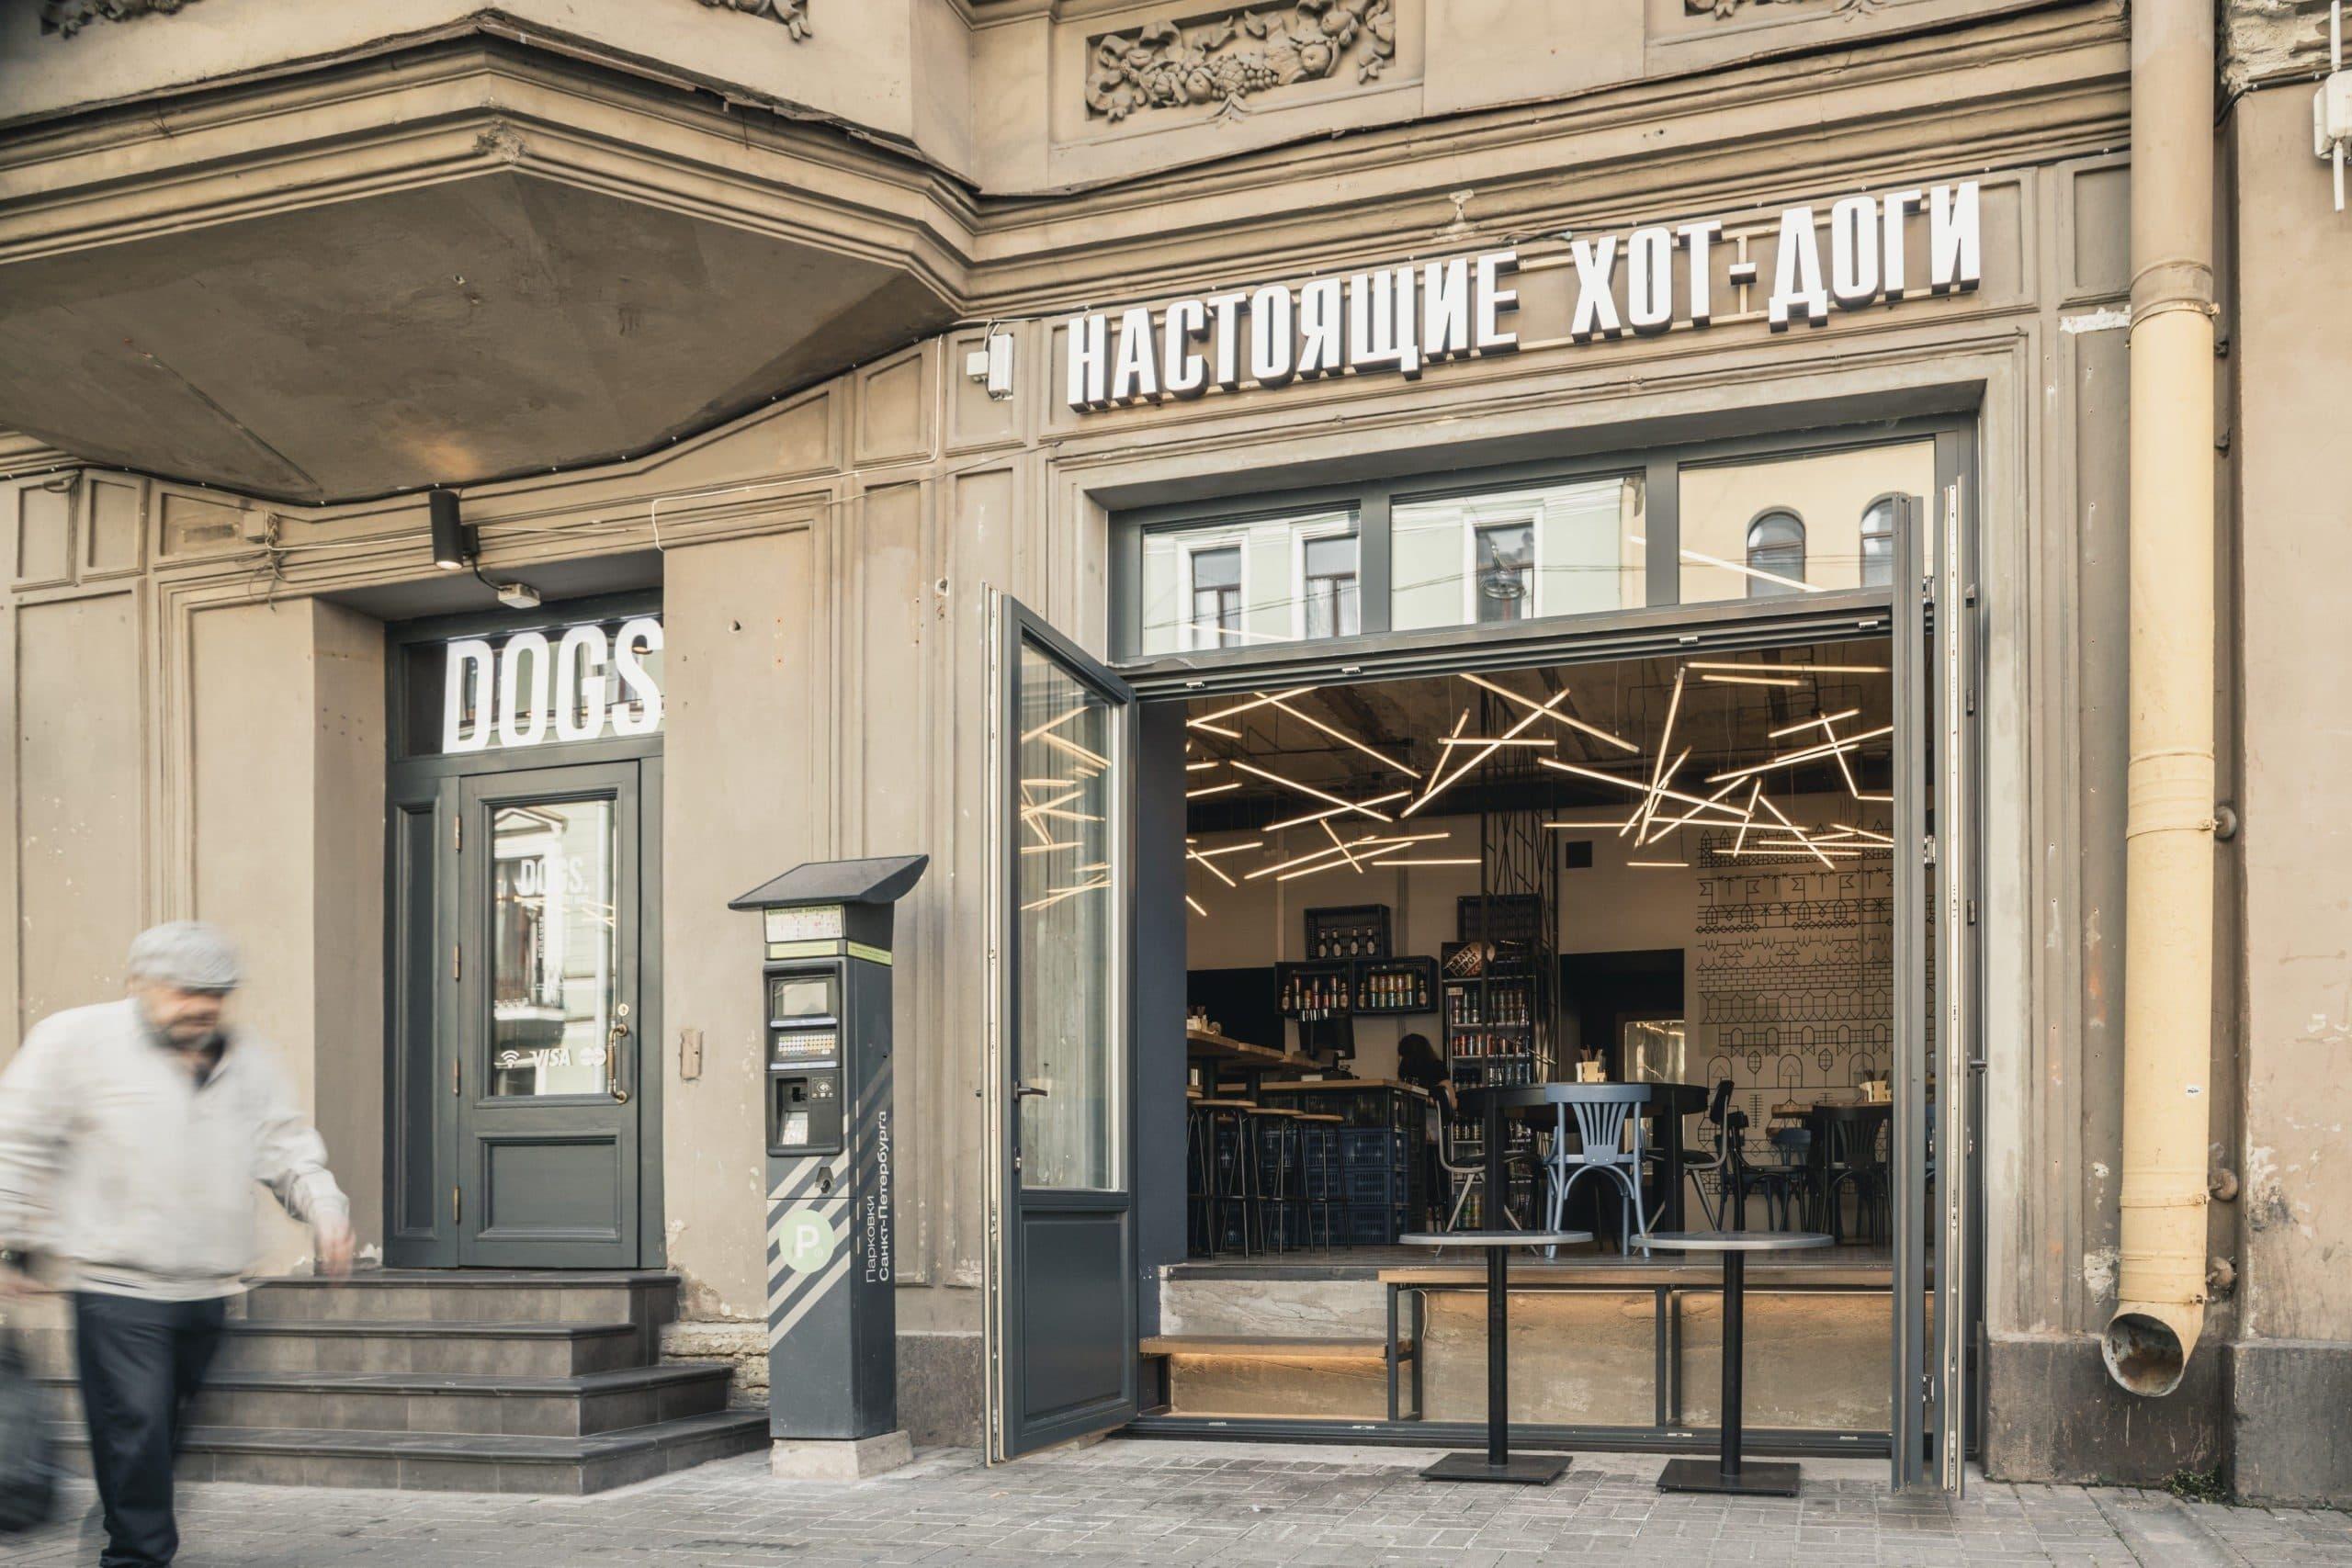 Кафе Dogs - ул.Некрасова 23